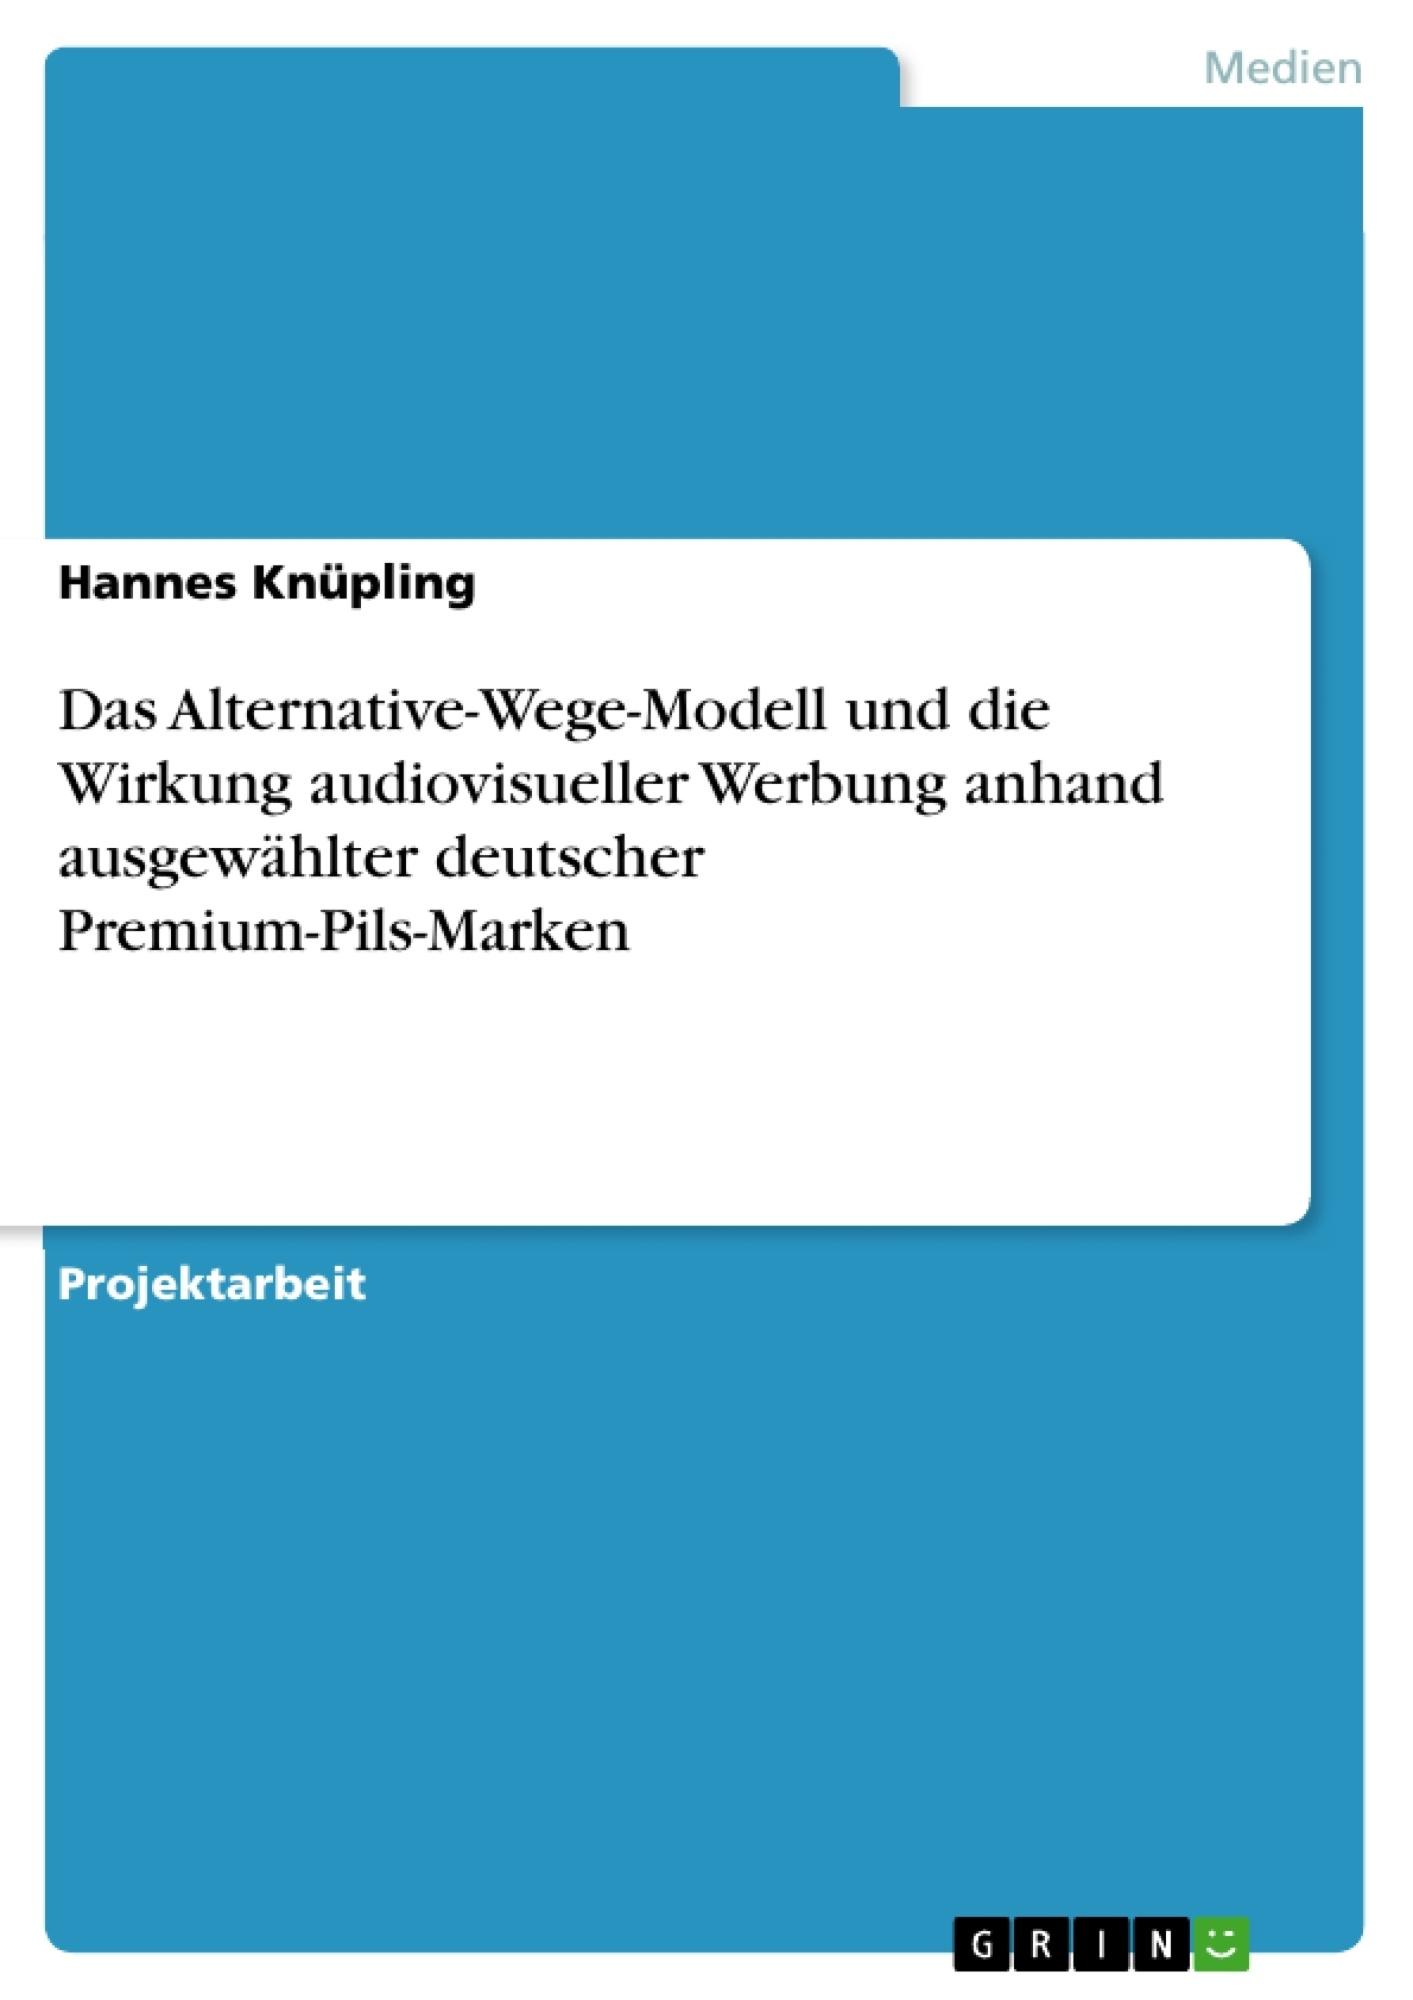 Titel: Das Alternative-Wege-Modell und die Wirkung audiovisueller Werbung anhand ausgewählter deutscher Premium-Pils-Marken